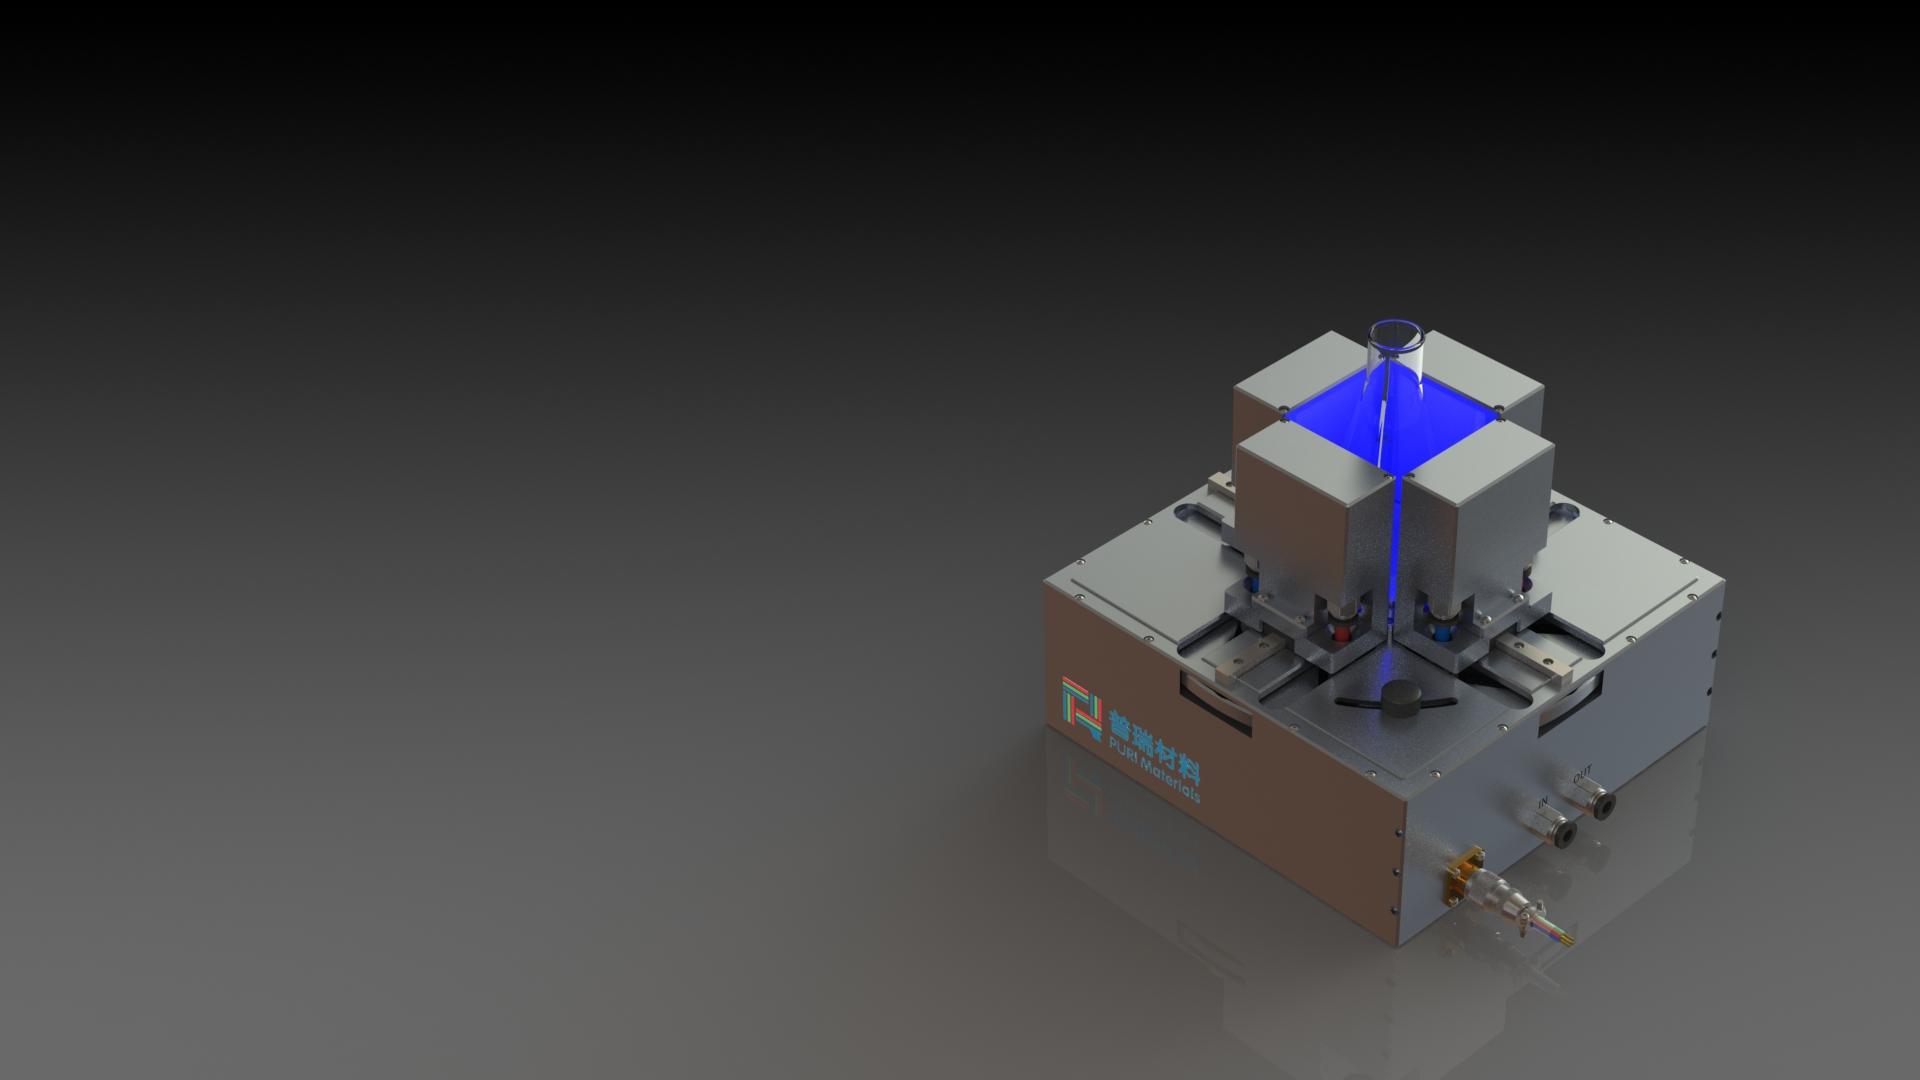 可变间距光反应器渲染图-2-100ml(1)